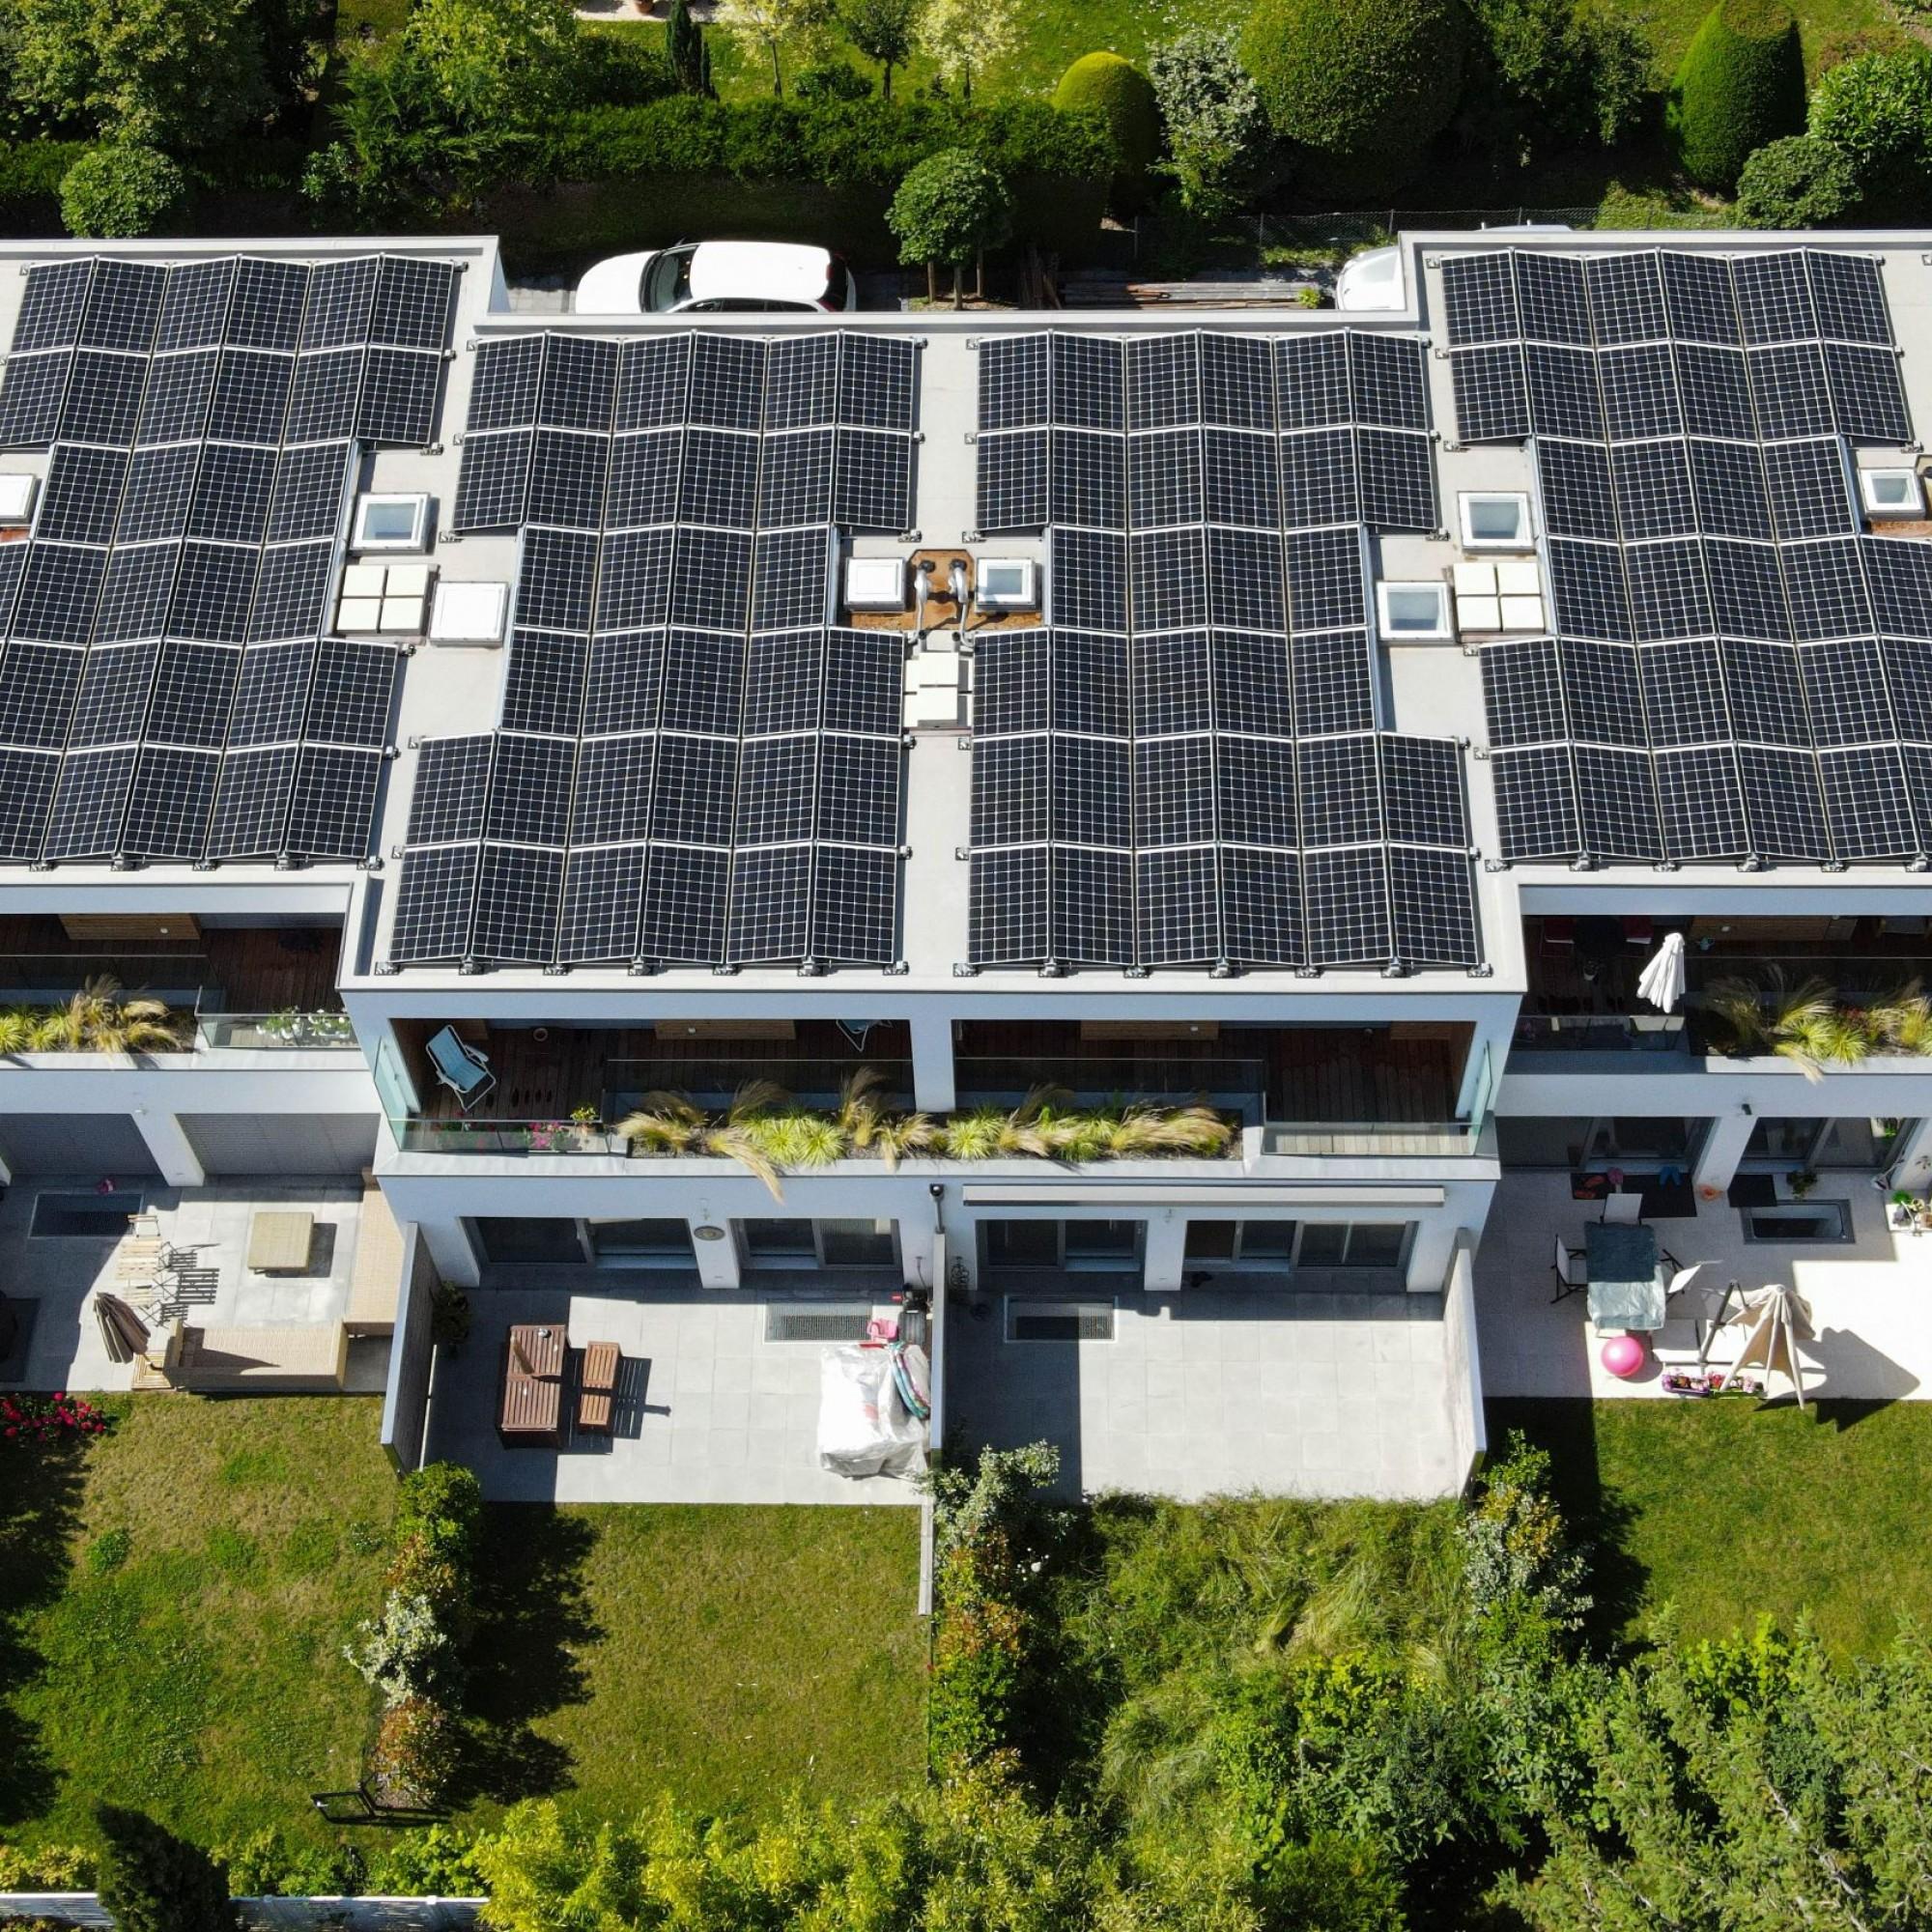 Homsphere réalise à Thônex (GE) un écoquartier composé de six villas Minergie-P contiguës et bien isolées.